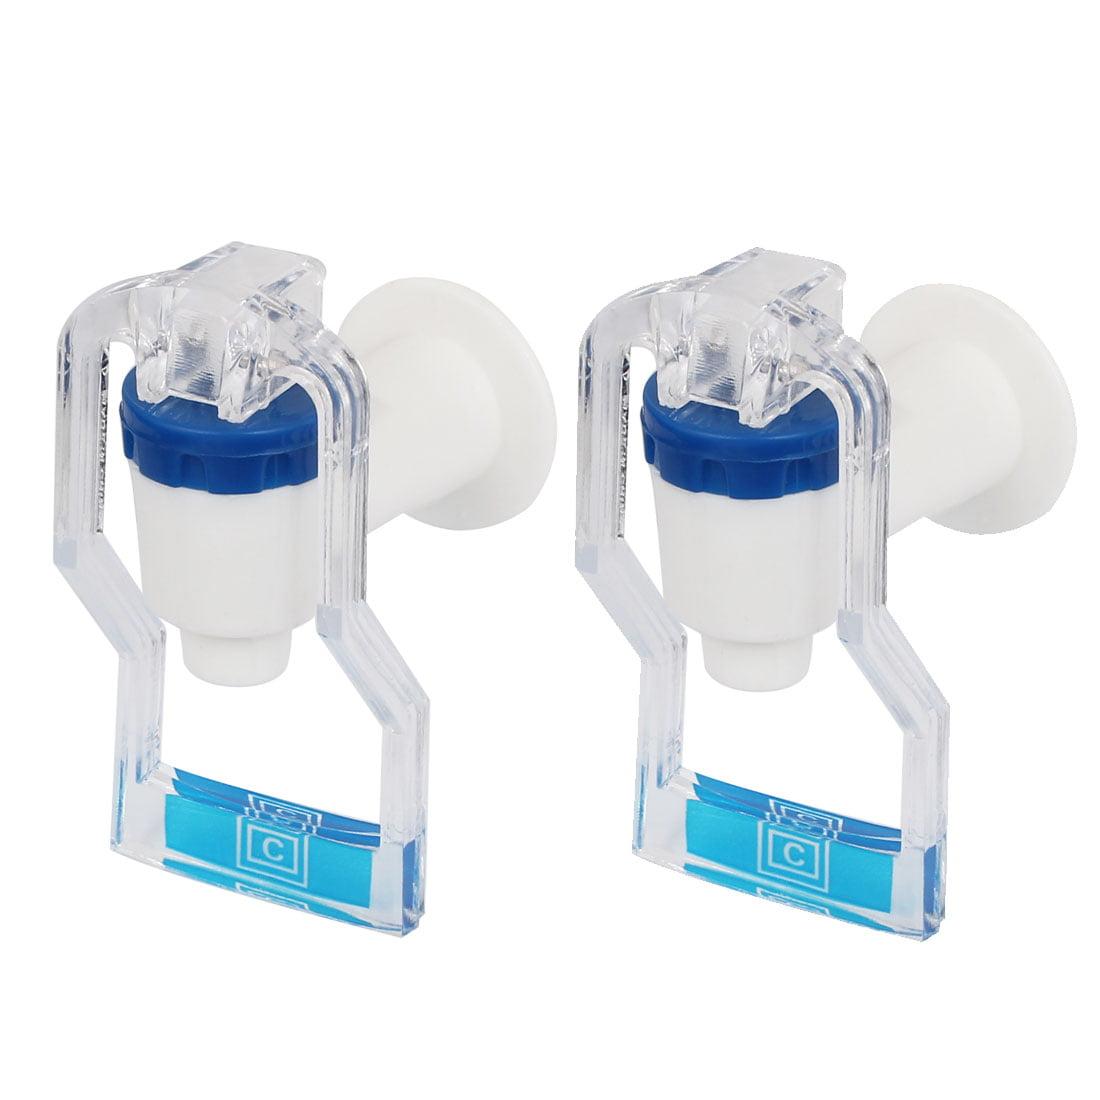 Unique Bargains Plastic Replacement Home Push Type Water Dispenser Tap Faucet Blue Clear 2Pcs